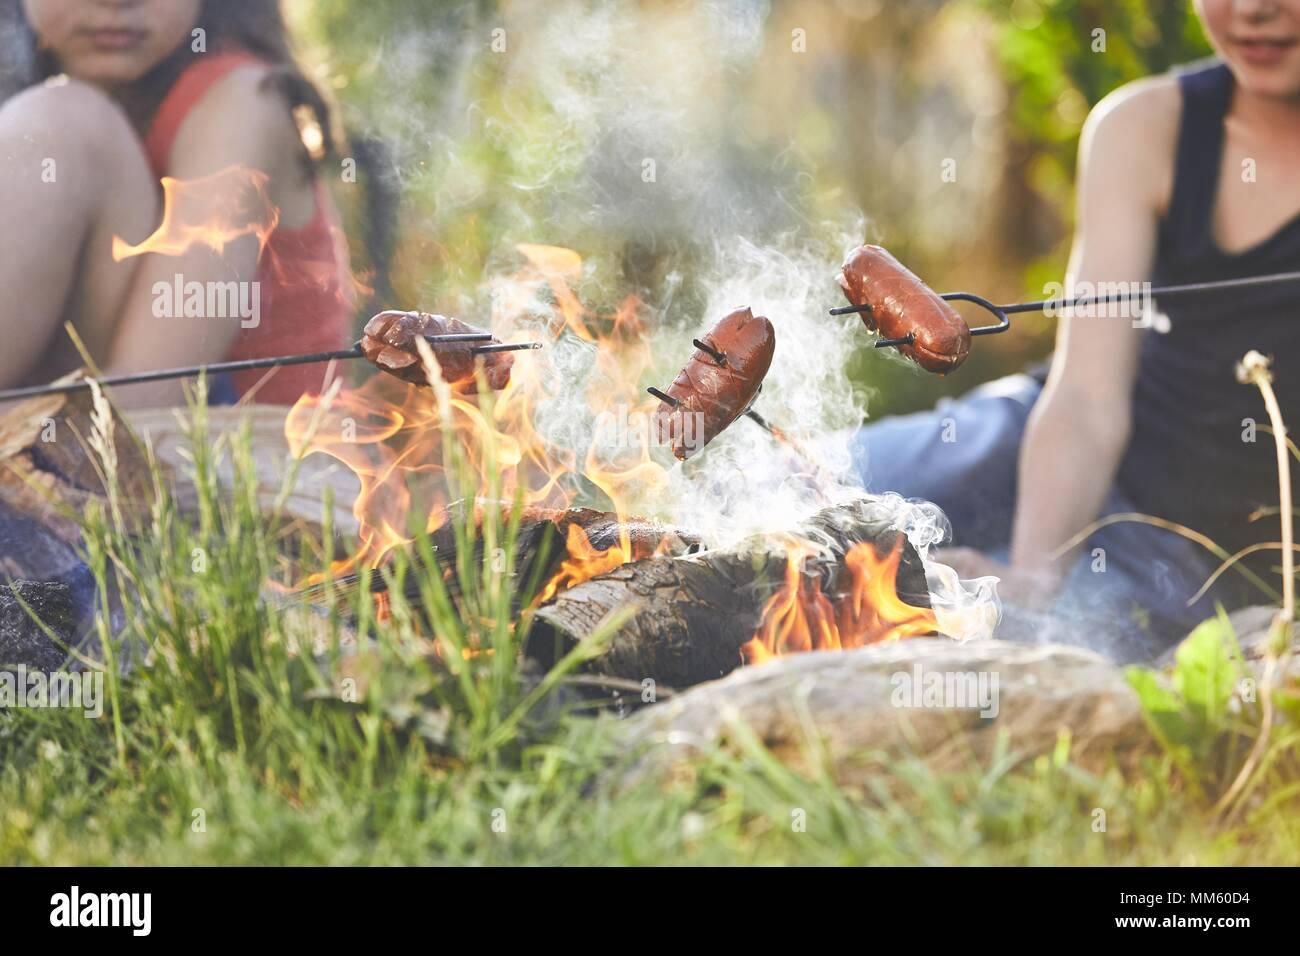 Kinder genießen, Lagerfeuer. Mädchen (Familie) toasten Würstchen auf den Garten. Stockbild